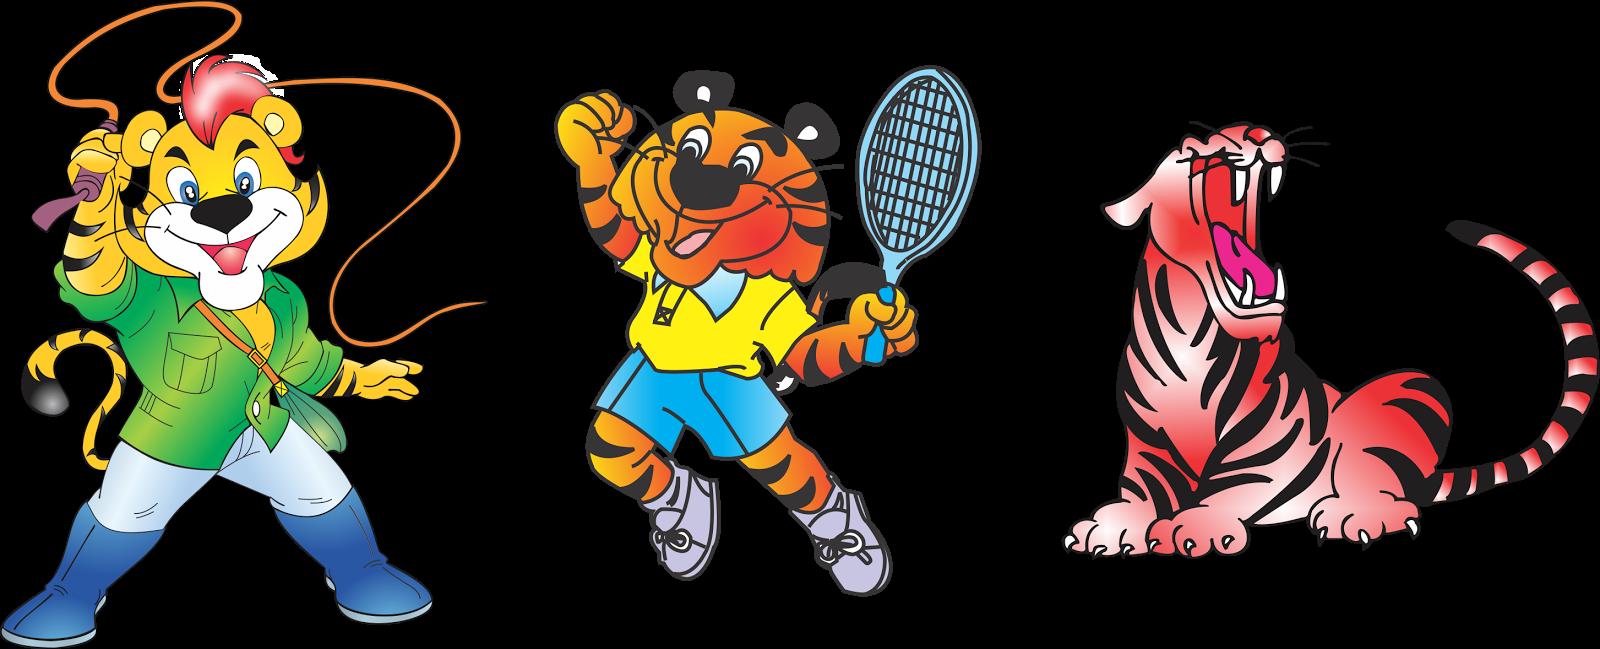 Cartoon Character Design Price : Beautiful d cartoon character designs for comic share khan